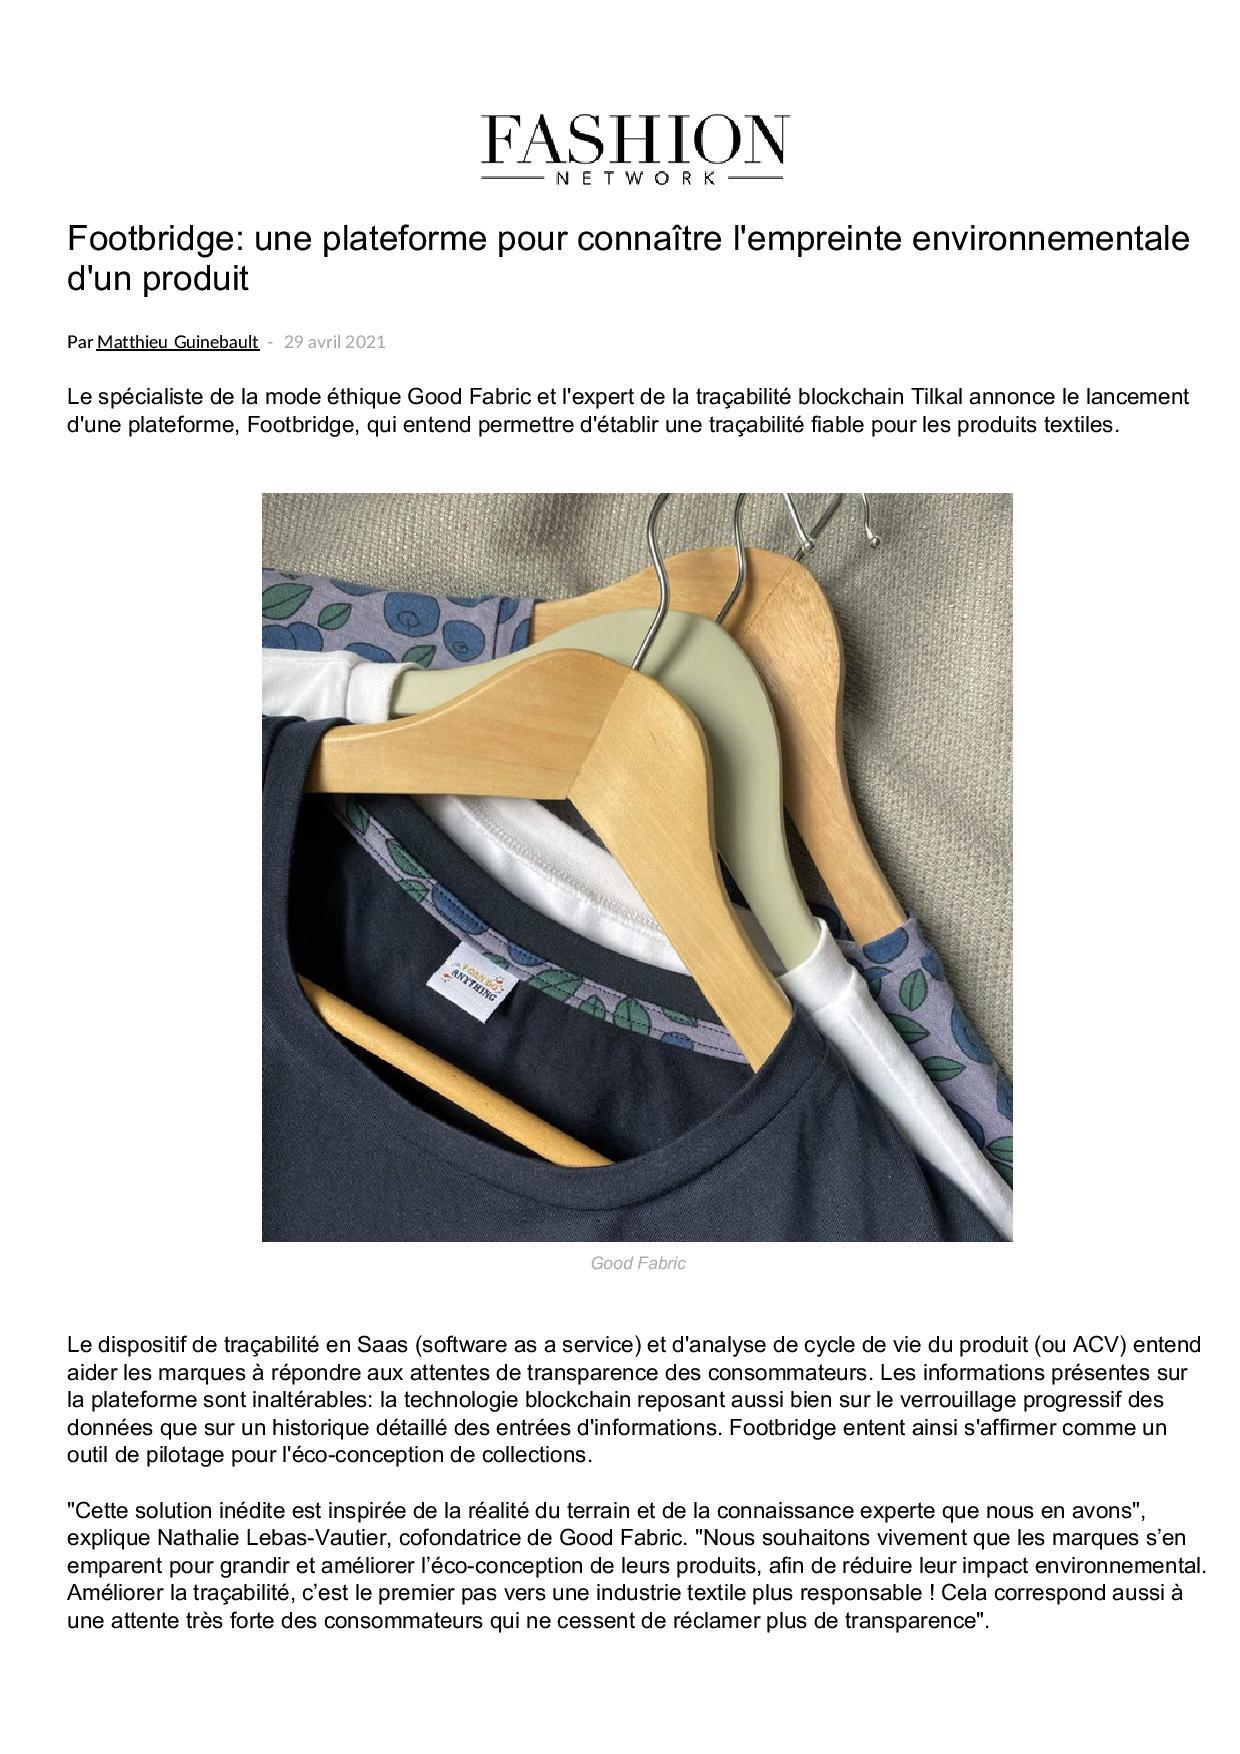 FNW 1298022 Footbridge une plateforme pour connaitre l empreinte environnementale d un produ 1 page 001